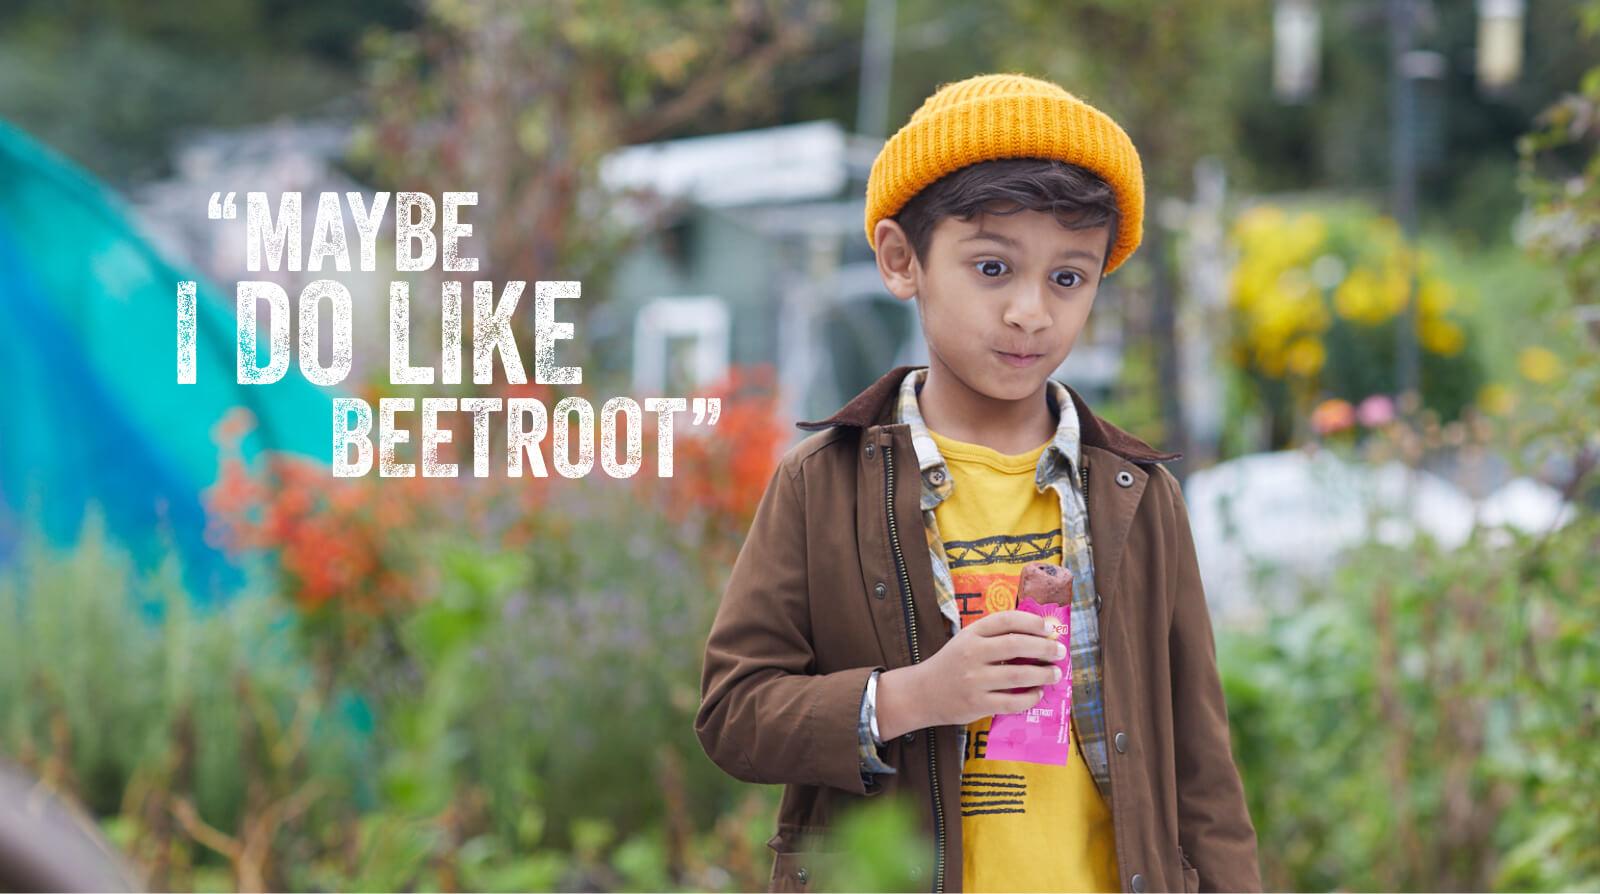 Maybe I do like beetroot